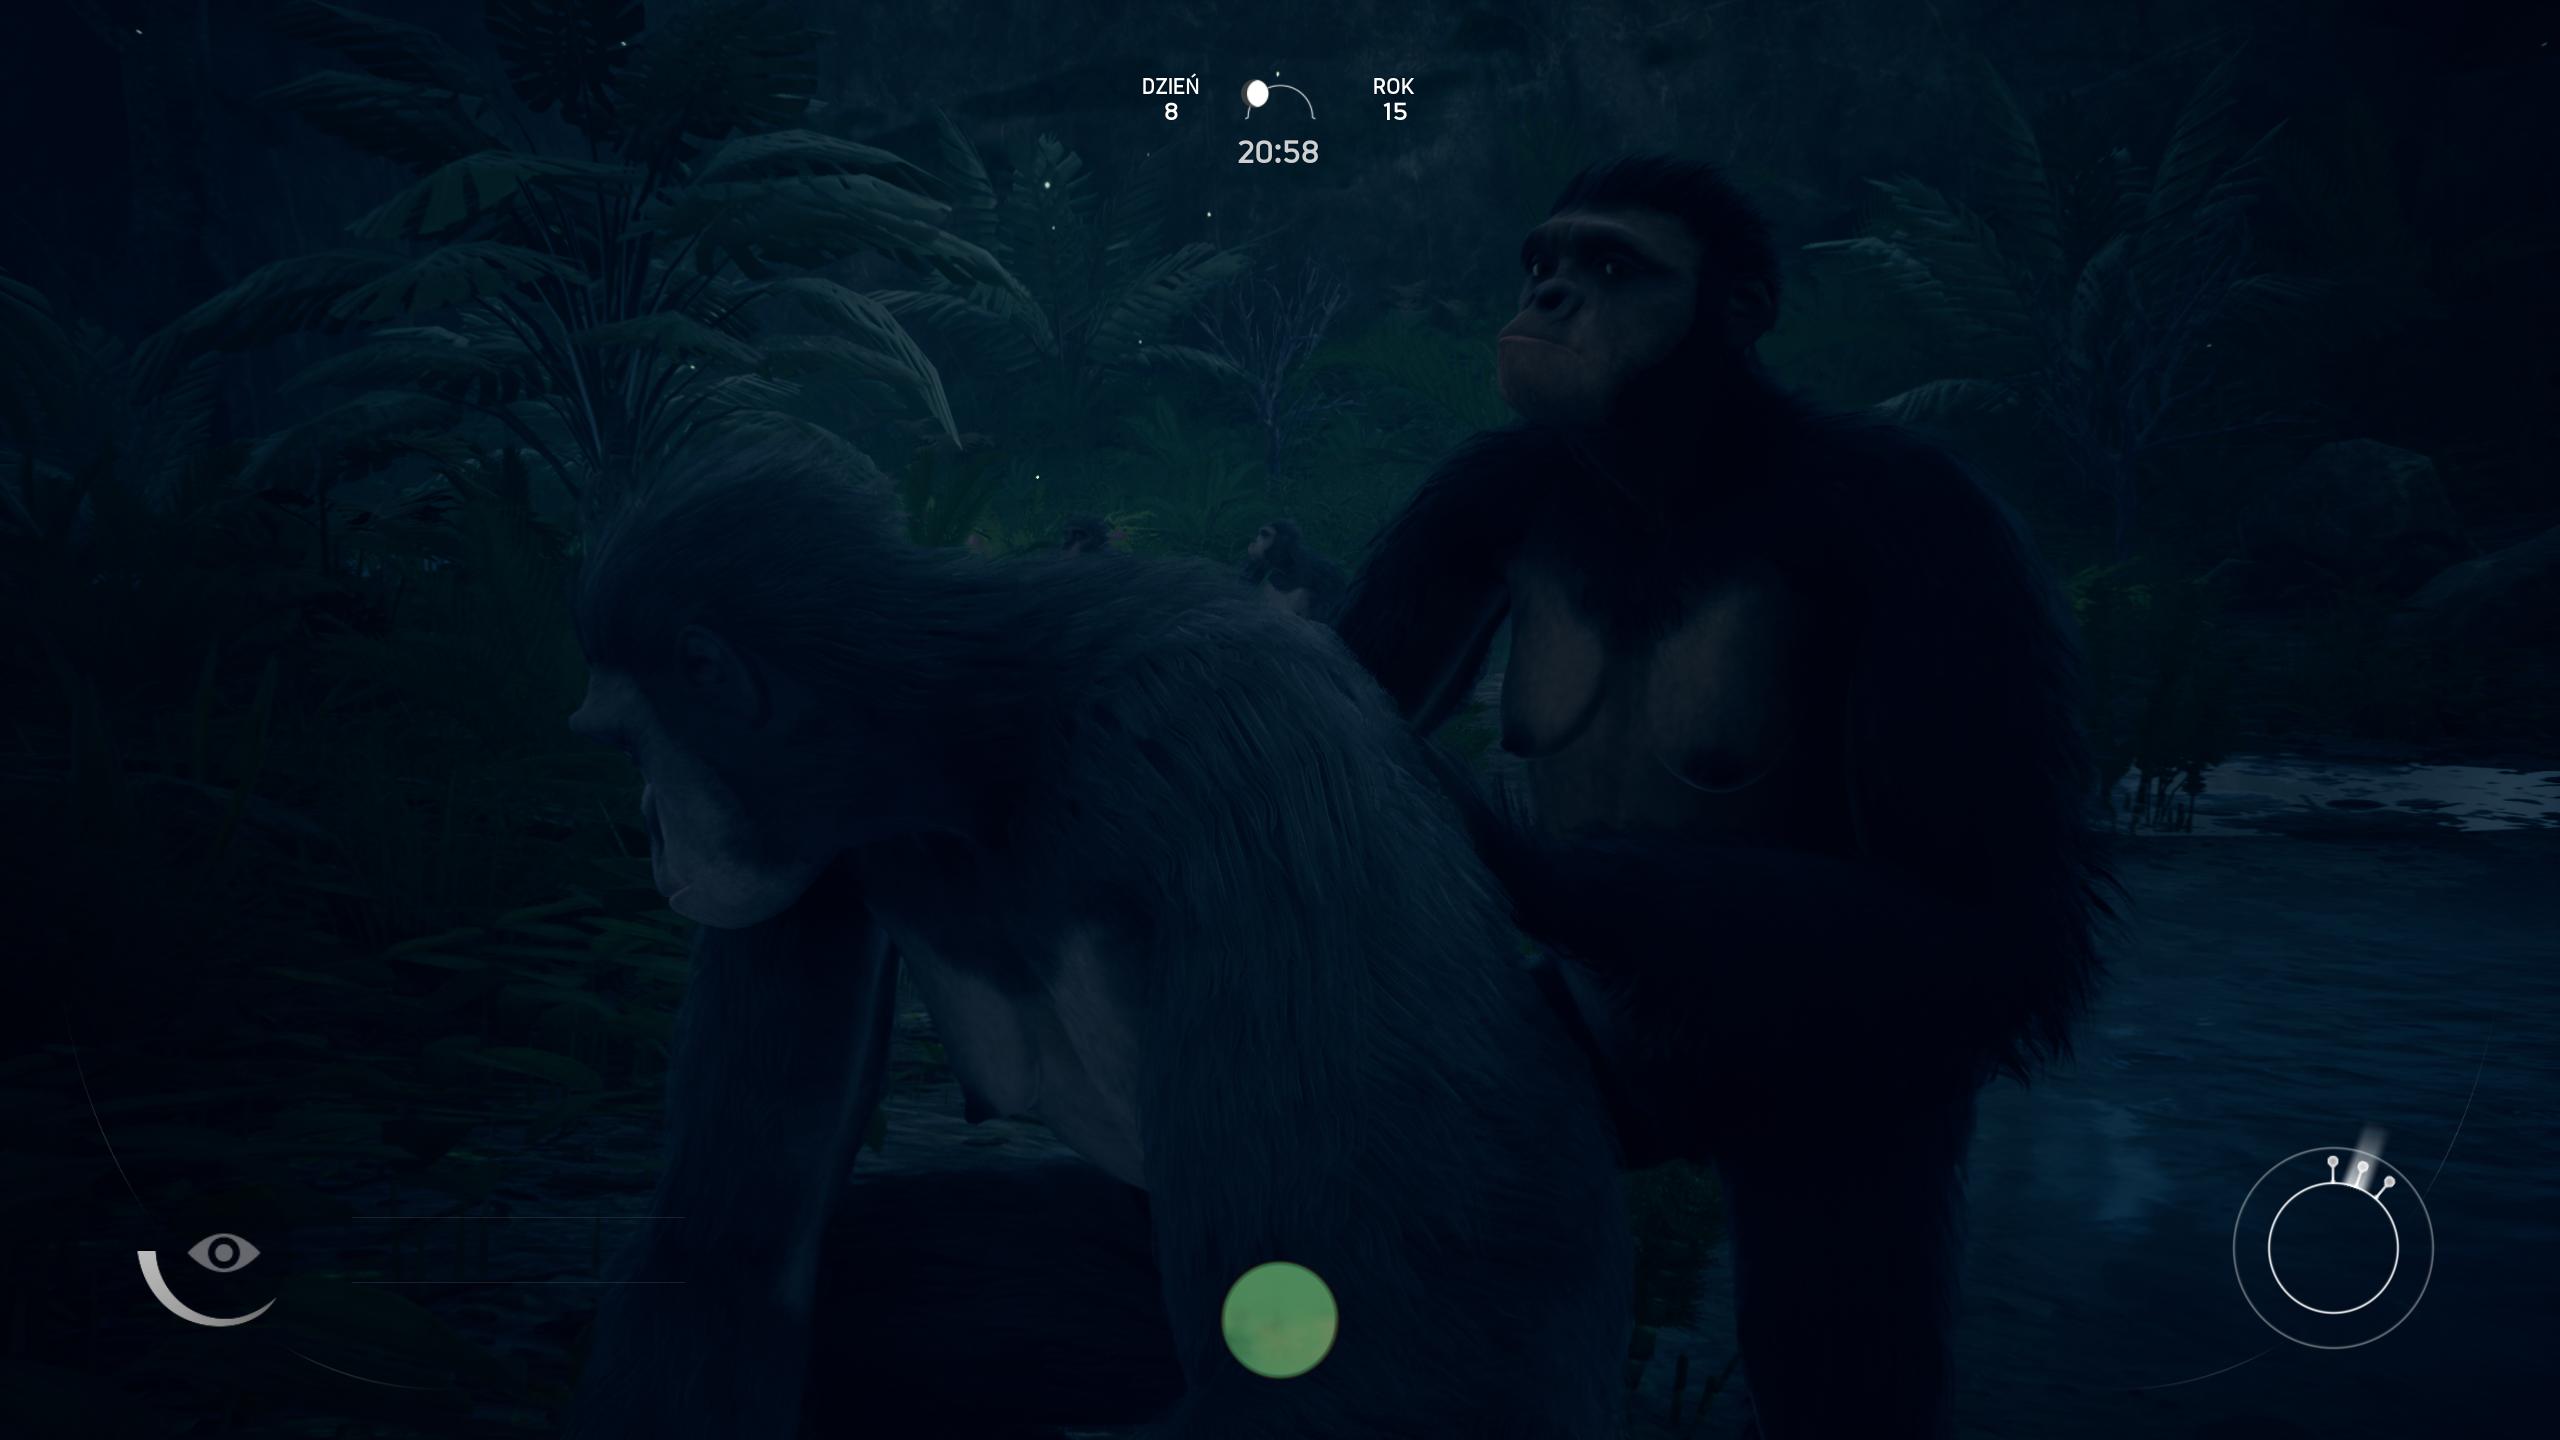 Recenzja: Ancestors: The Humankind Odyssey - stań oko w oko z ewolucją! 17